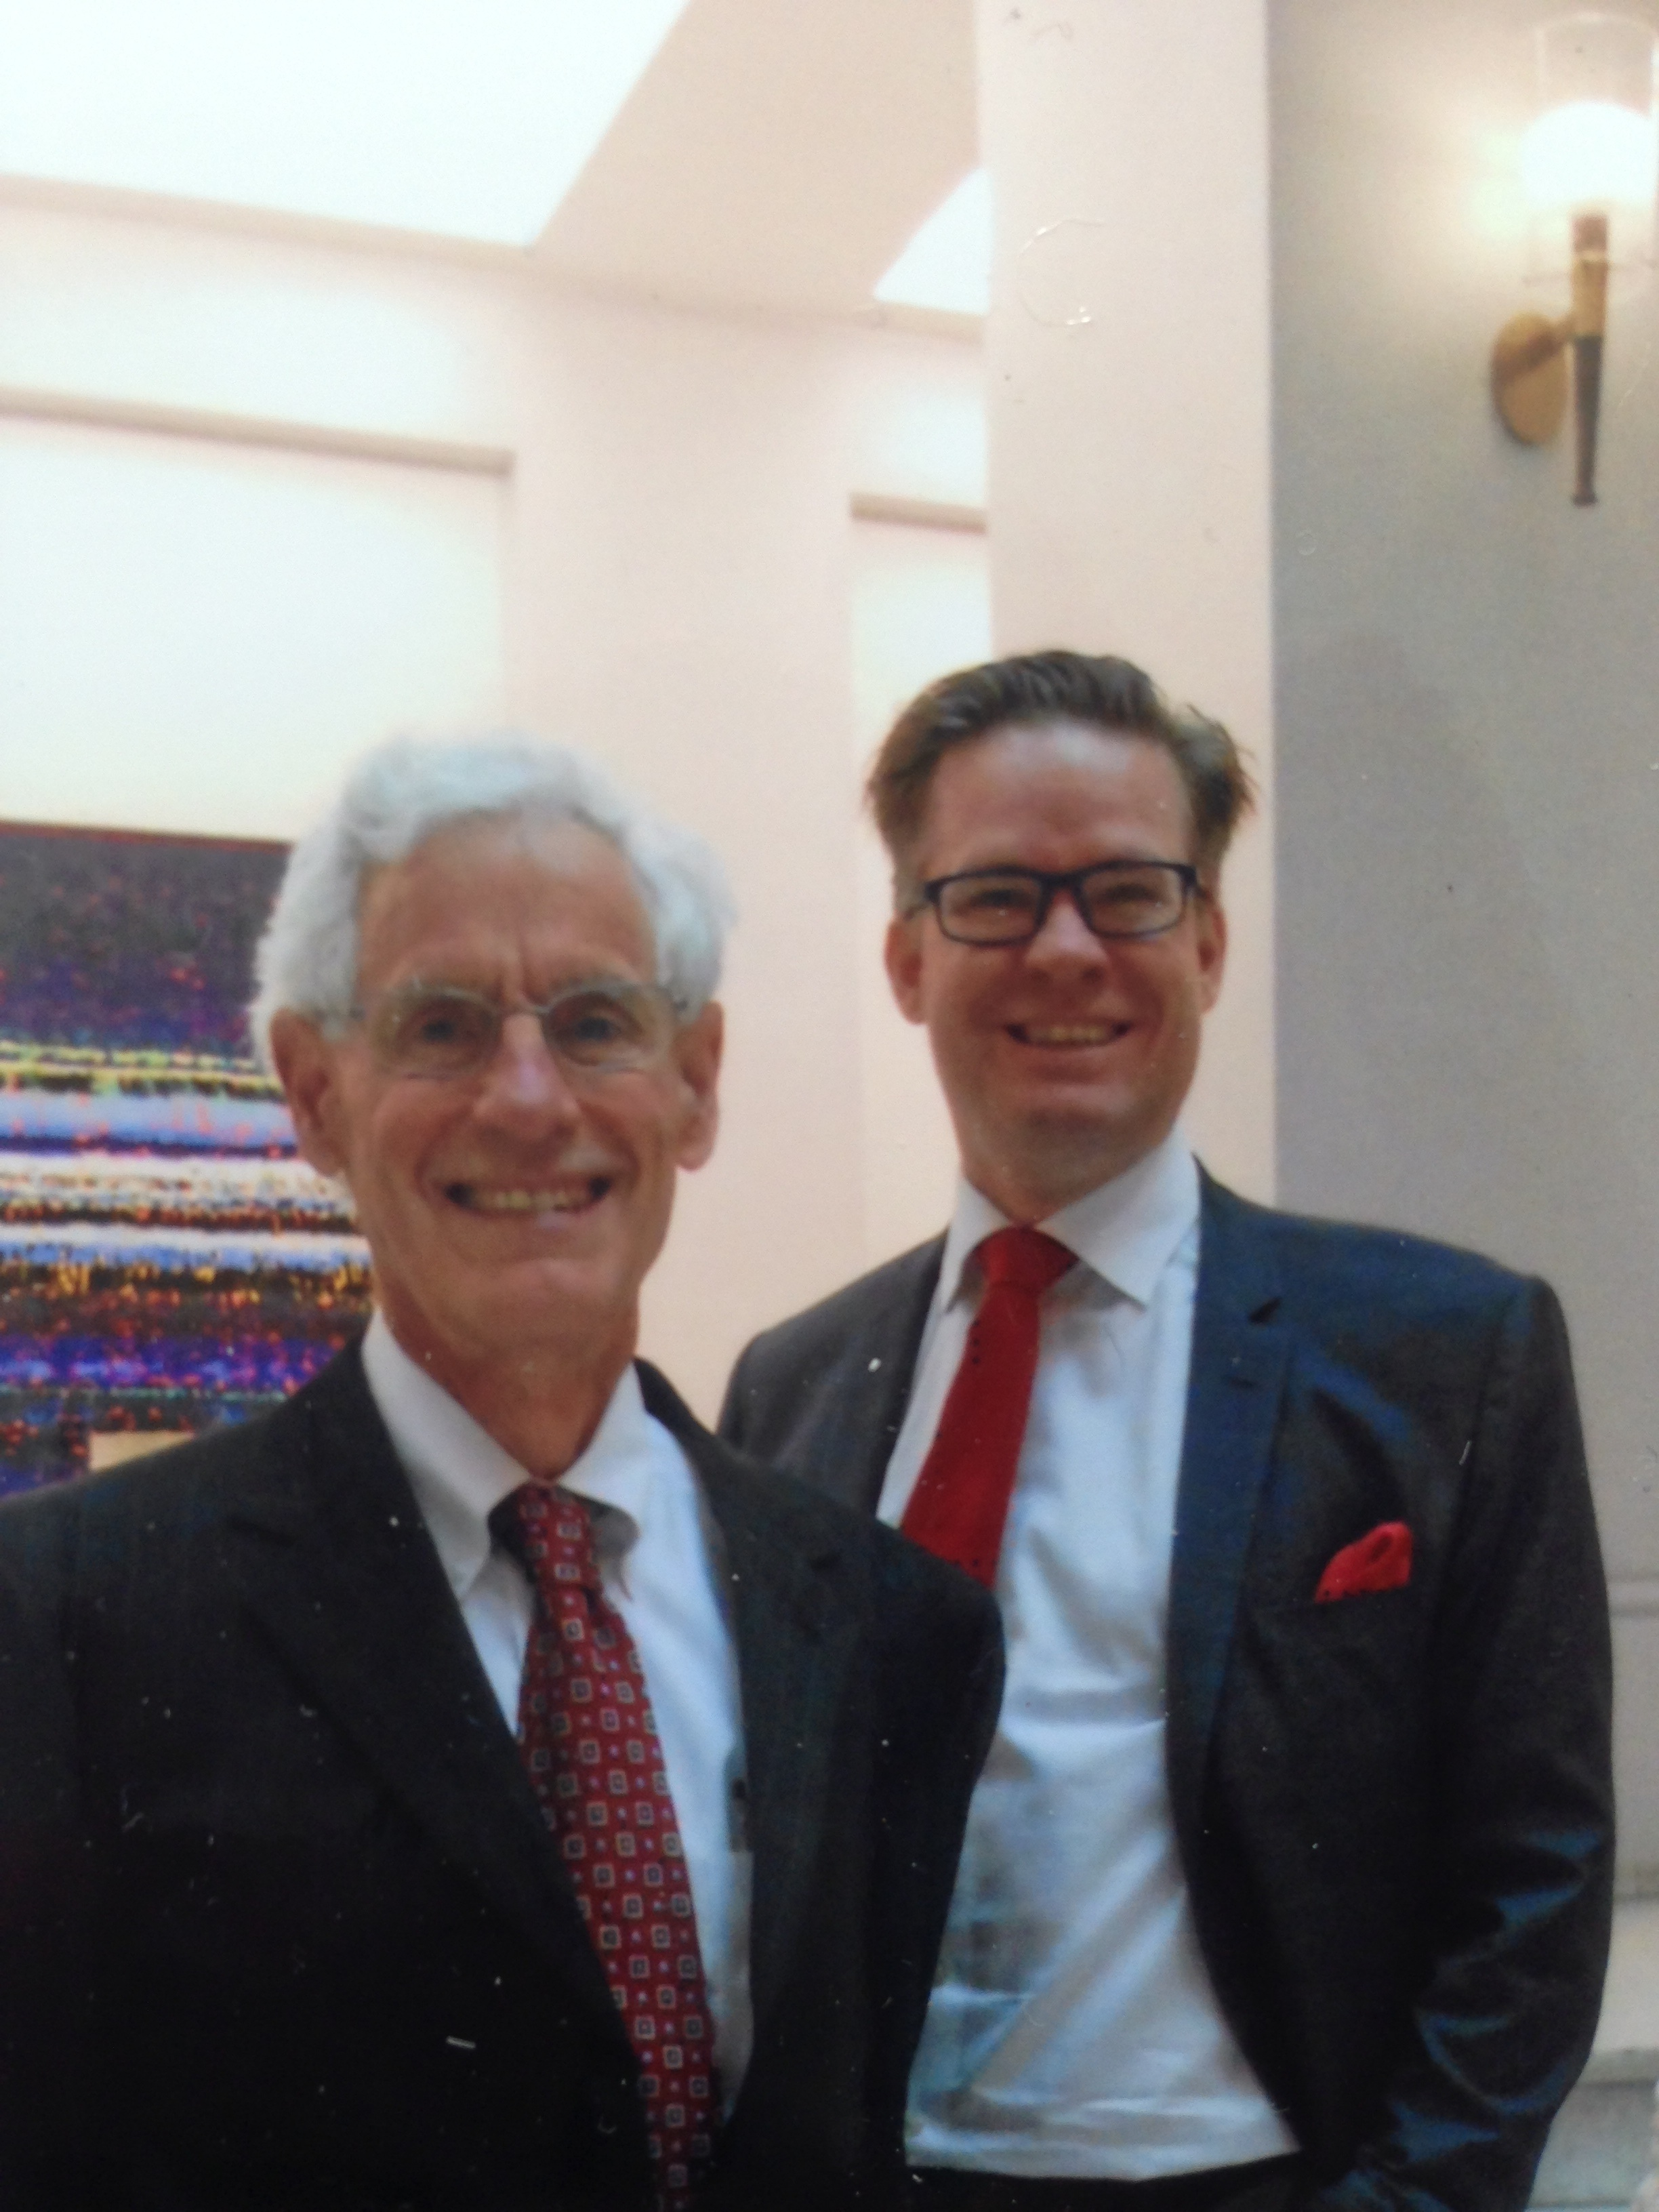 Hetzel and Christensen